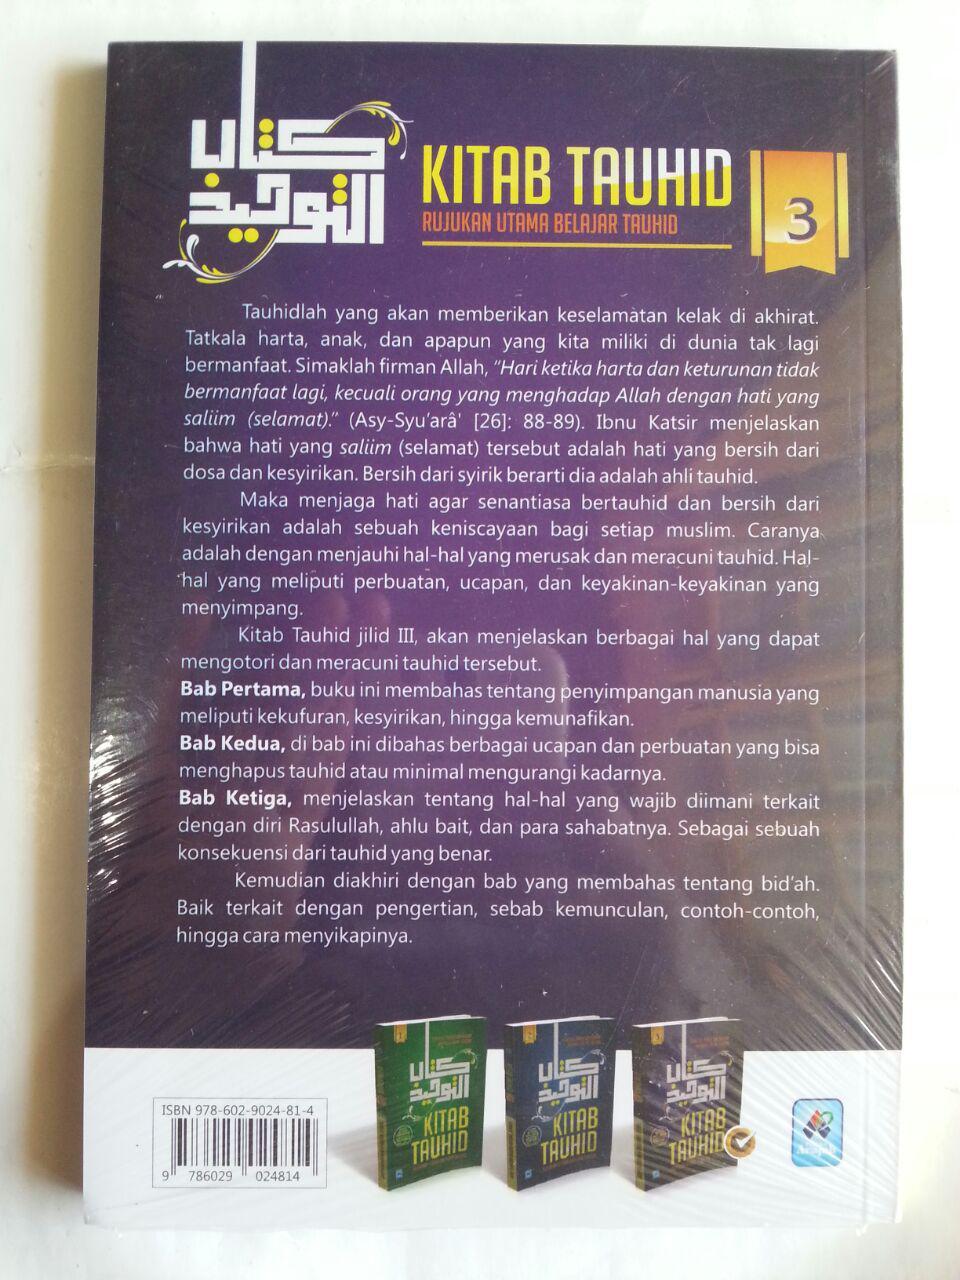 Buku Kitab Tauhid Rujukan Utama Belajar Tauhid 1 Set 3 Jilid cover 2